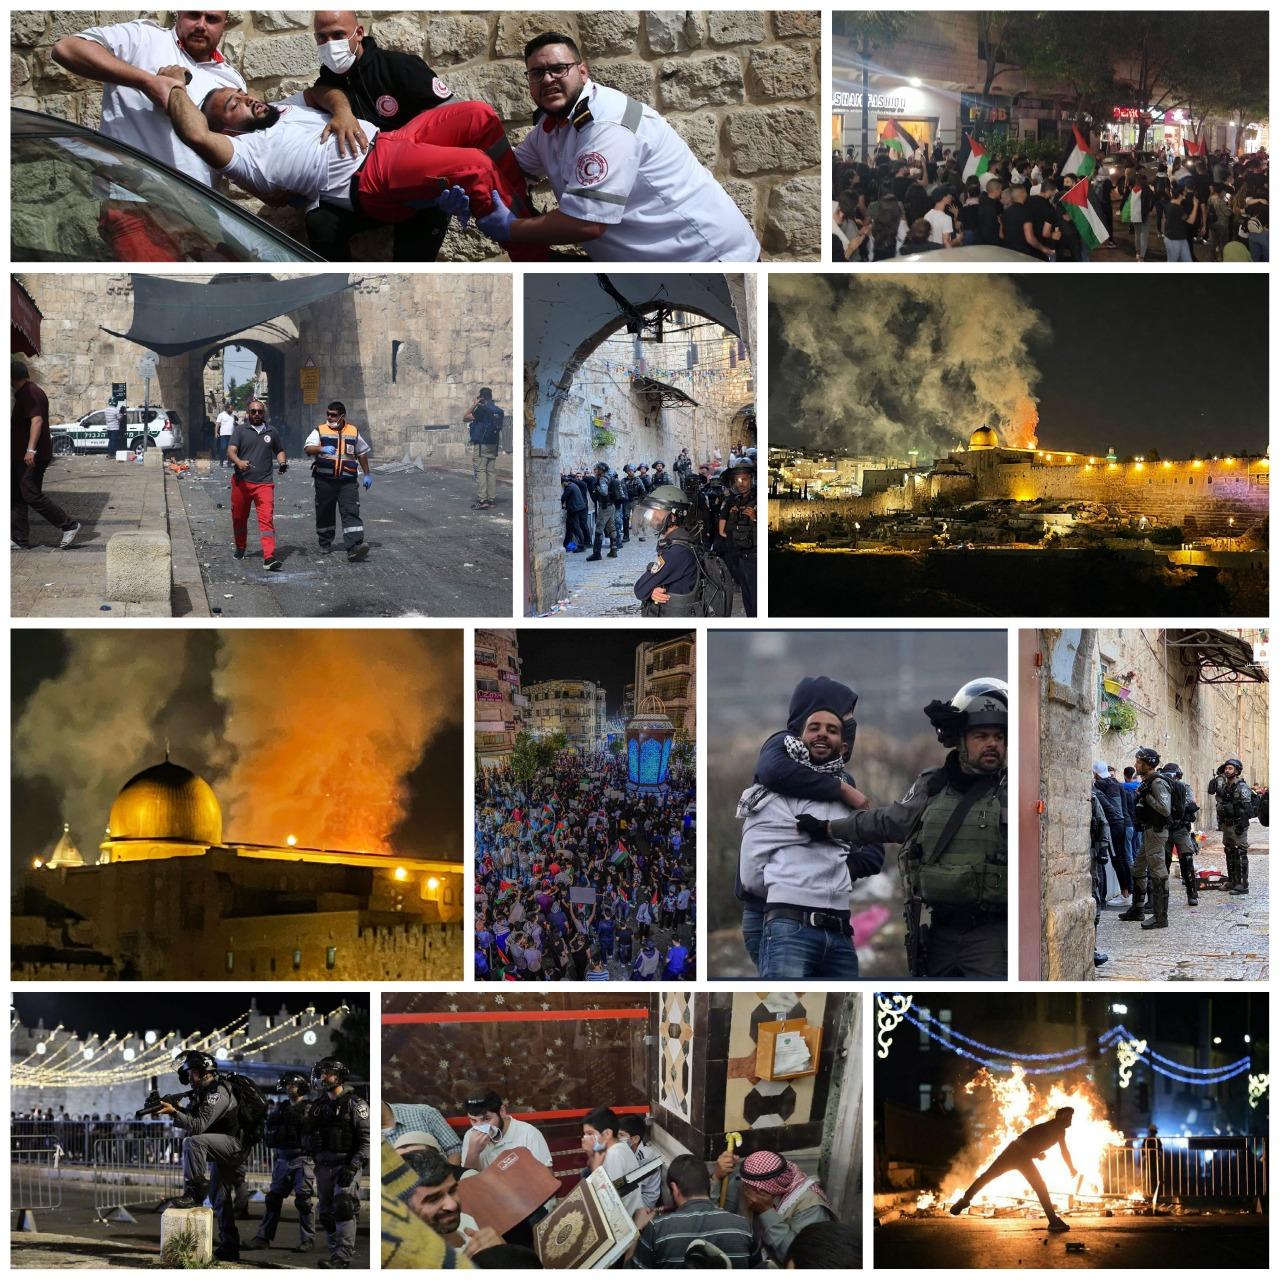 الصحة: 21 شهيدا و788 إصابة حصيلة اعتداءات الاحتلال في الضفة وقطاع غزة